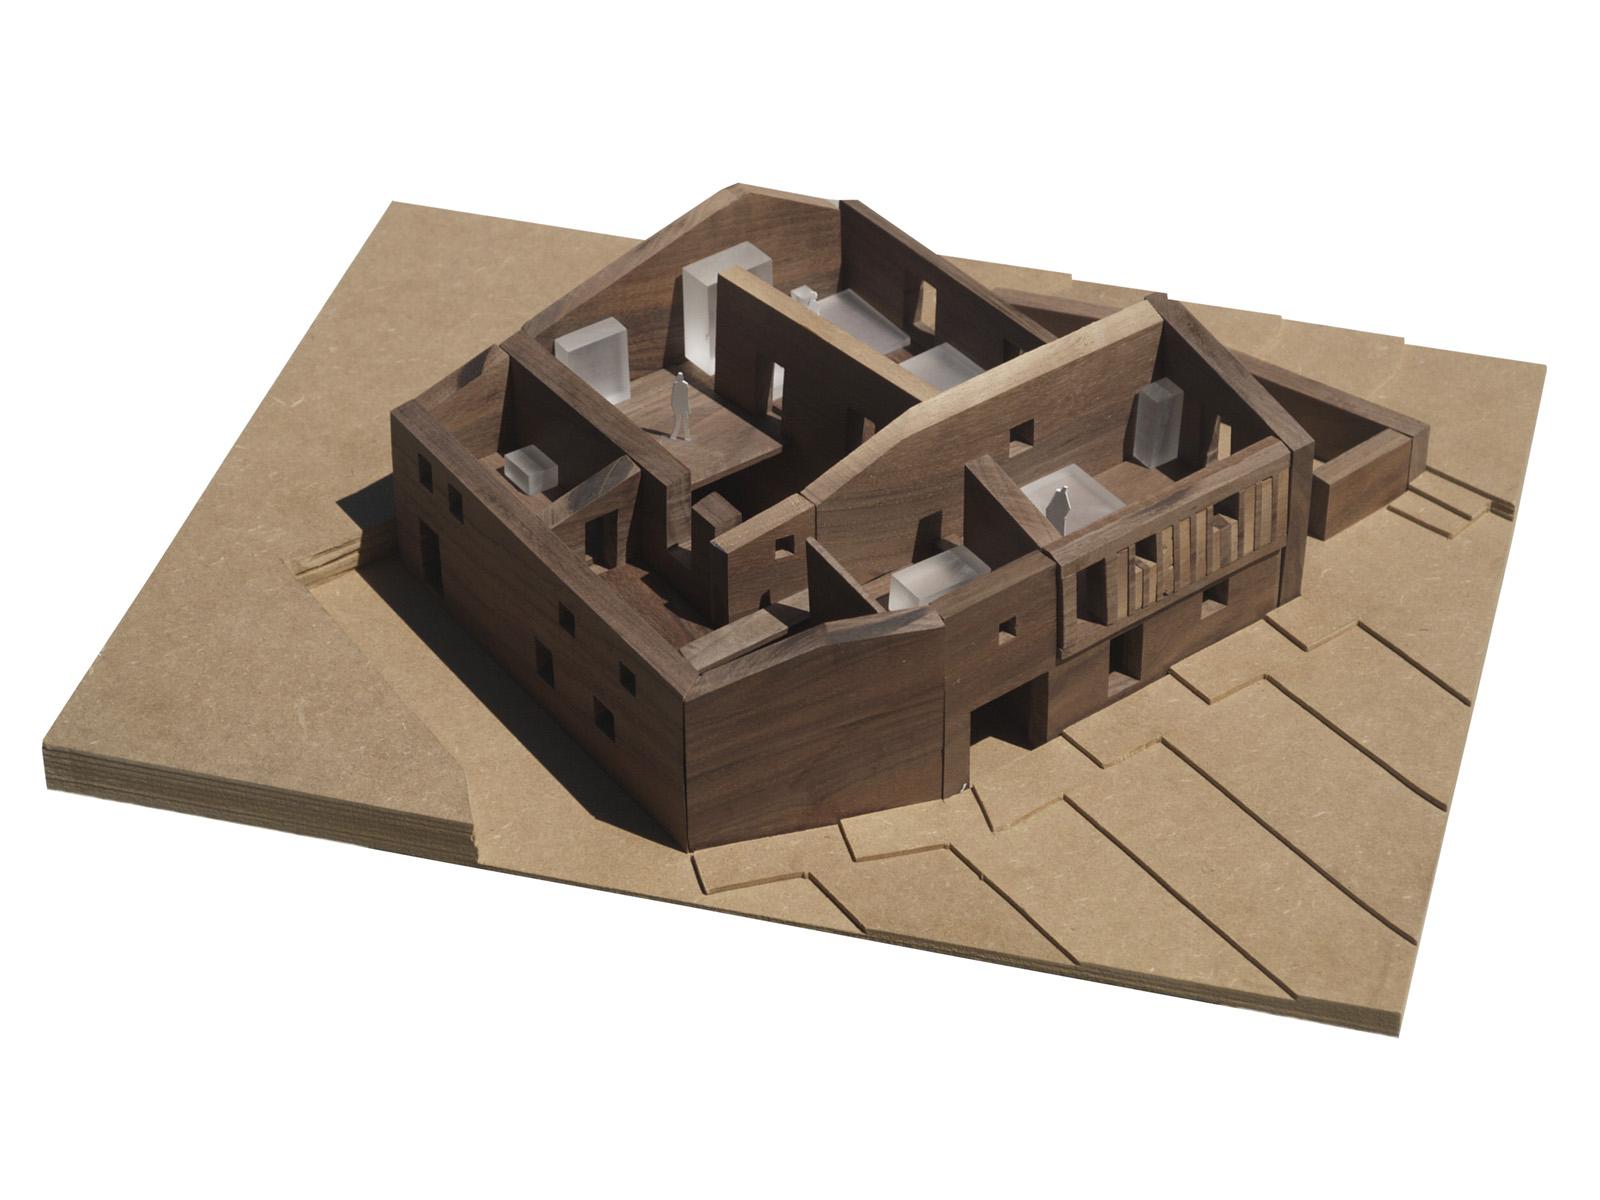 Atelier La Juntana villa model